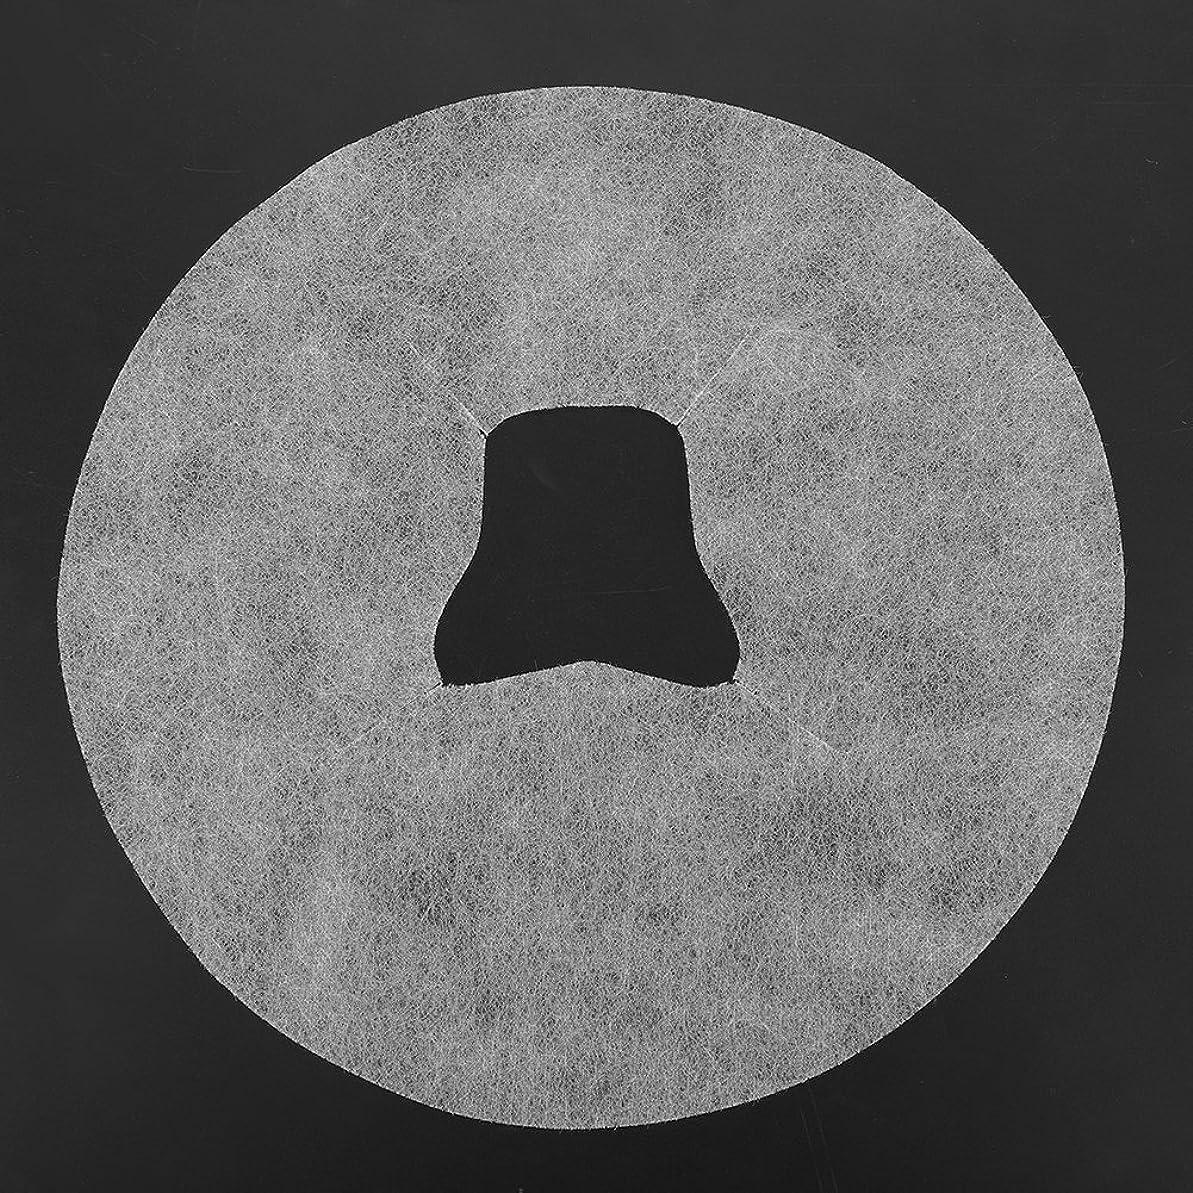 近代化ファックス乱暴なSoarUp 【100枚入】 フェイスマッサージパッド 使い捨てタオル 顔用 使い捨て 不織布材料 通気性 美容院?スパ?美容マッサージ専用 衛生的 安全 ホワイト